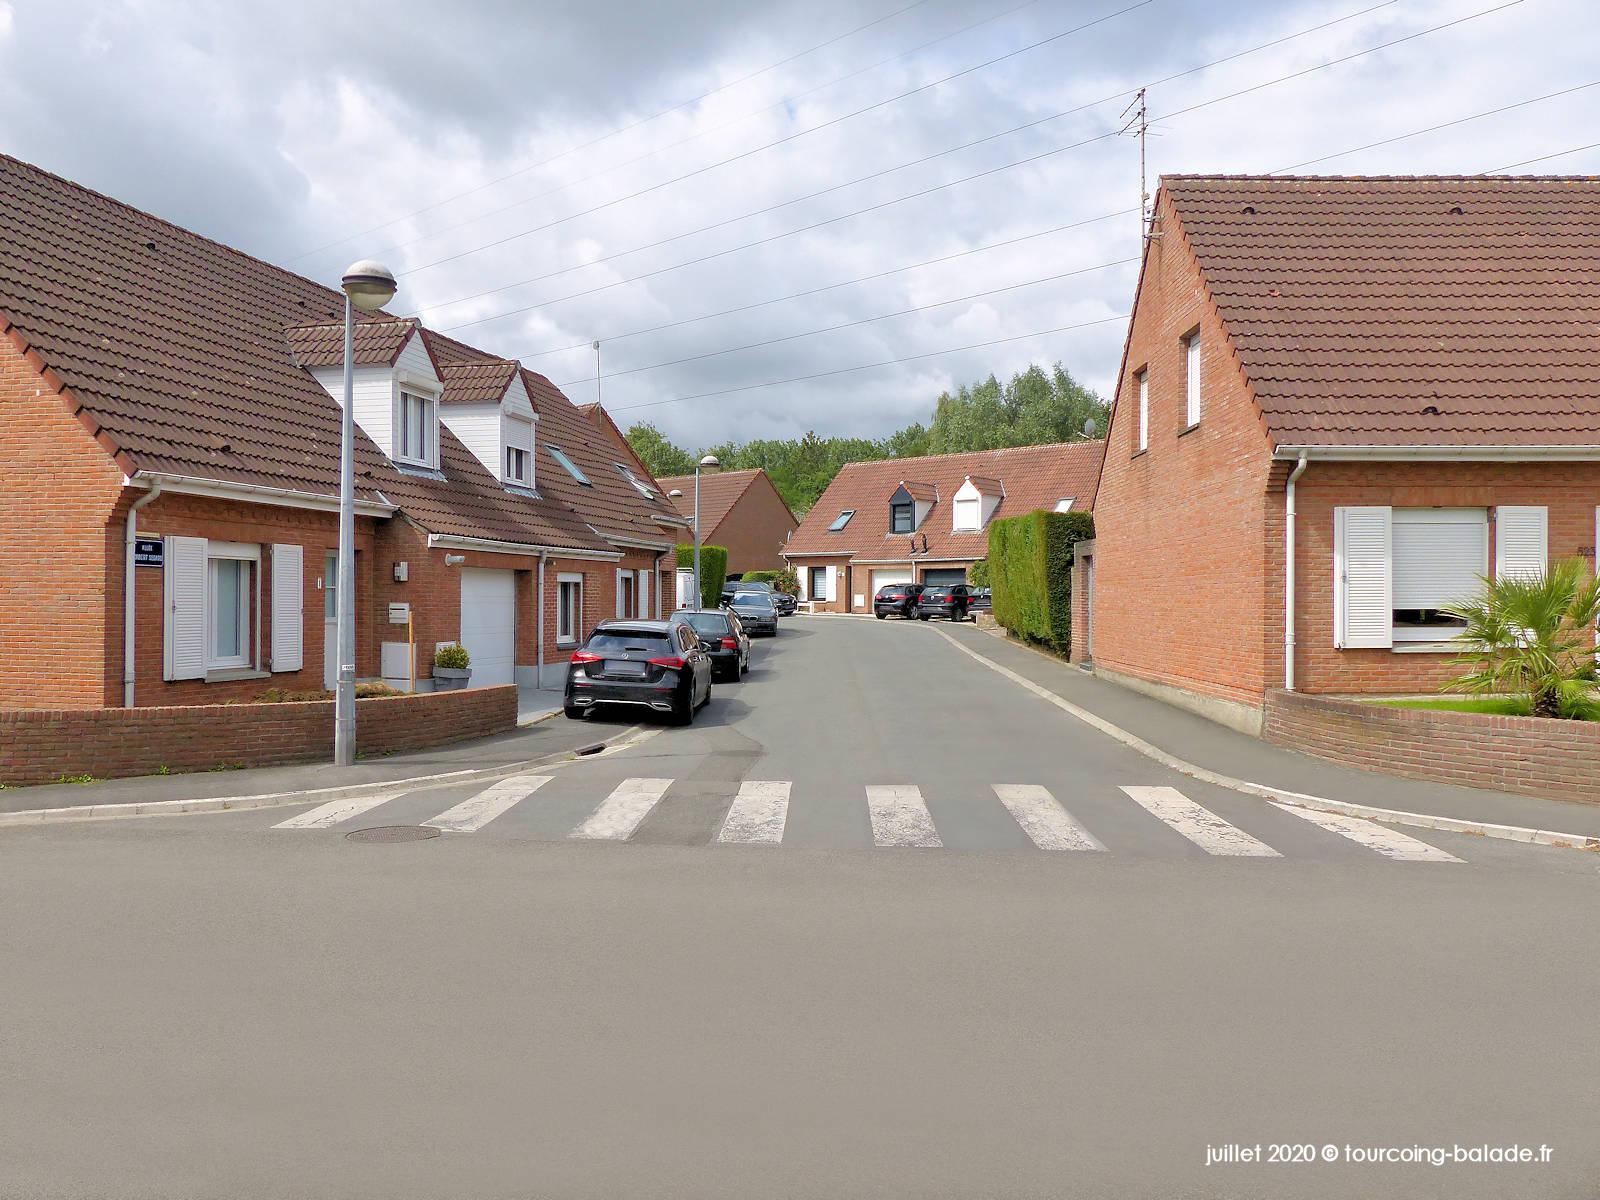 Rue du Clinquet et Allée Segard, Tourcoing 2020